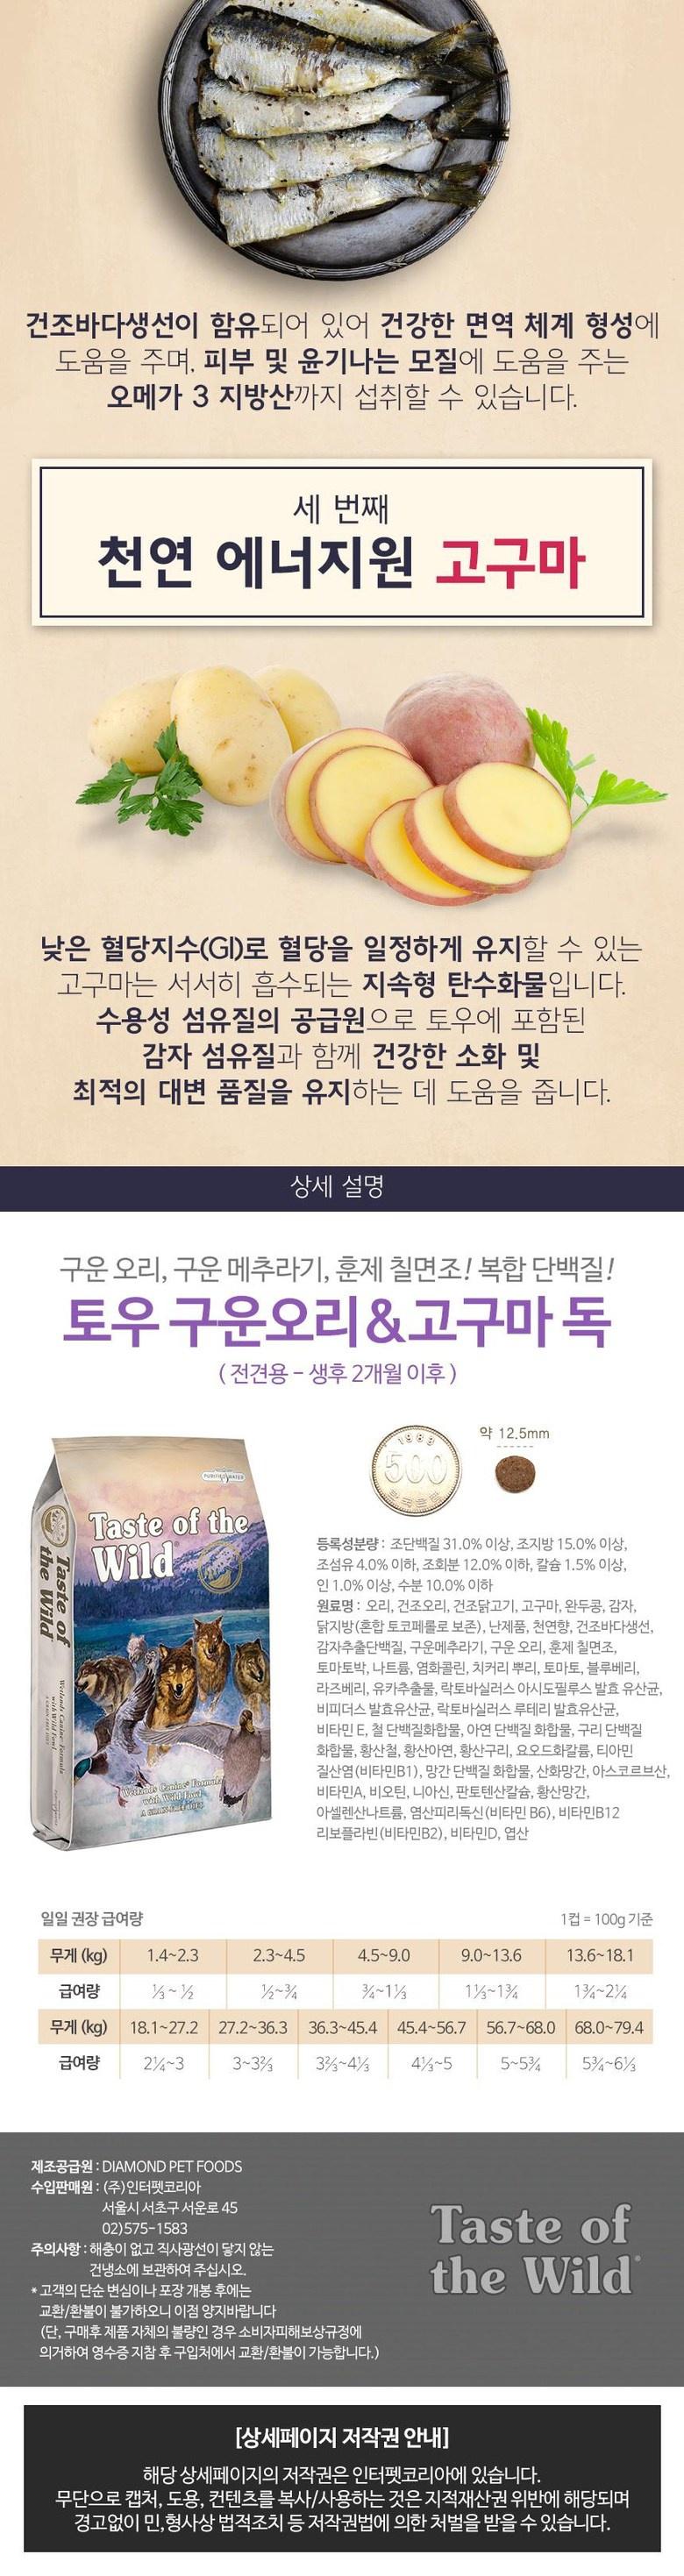 토우 구운오리&고구마 독 (4.5kg)-상품이미지-1